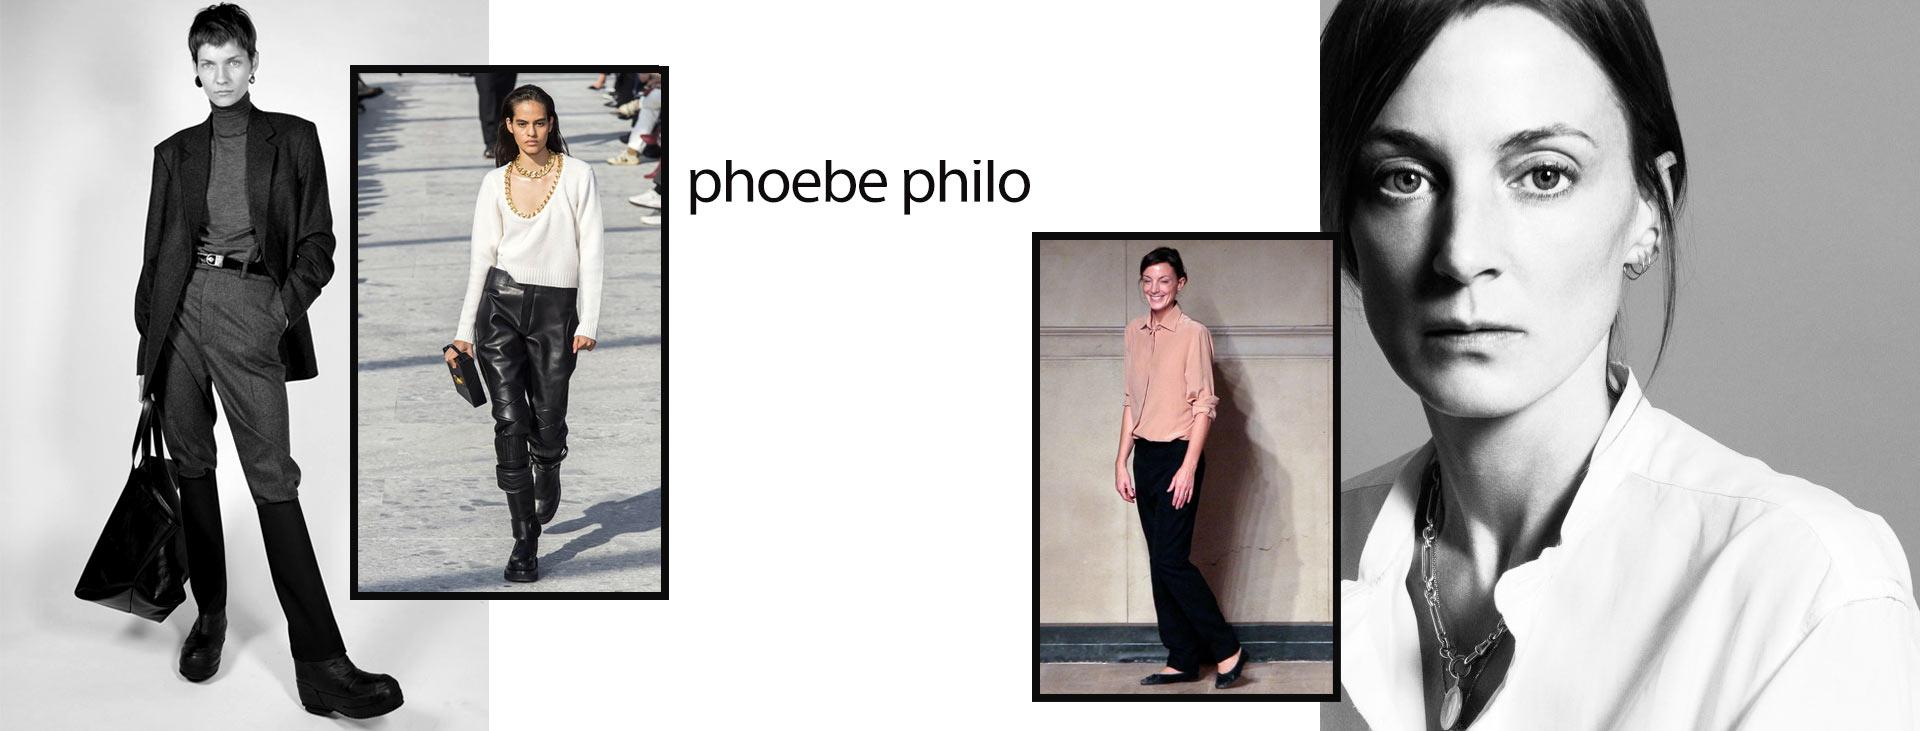 Phoebe Philo 2 - زنان پیشگام در صنعت مد